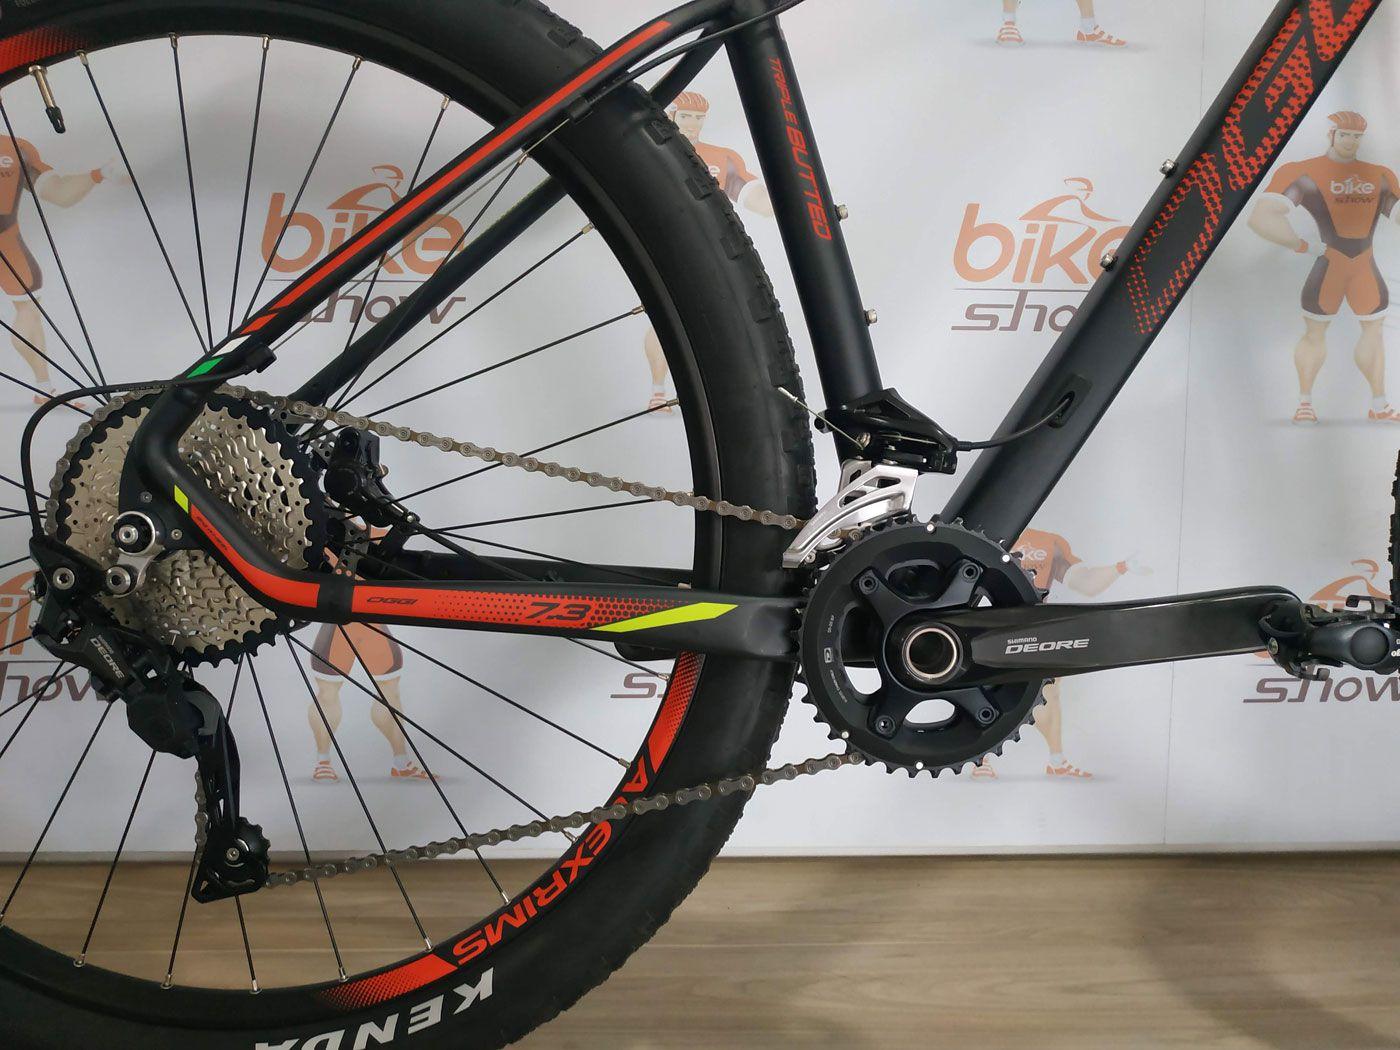 Bicicleta OGGI Big Whell 7.3 aro 29 2019 -  20V Shimano Deore M6000 - Suspensão Manitou Markhor - Preto/Vermelho/Amarelo + BRINDES